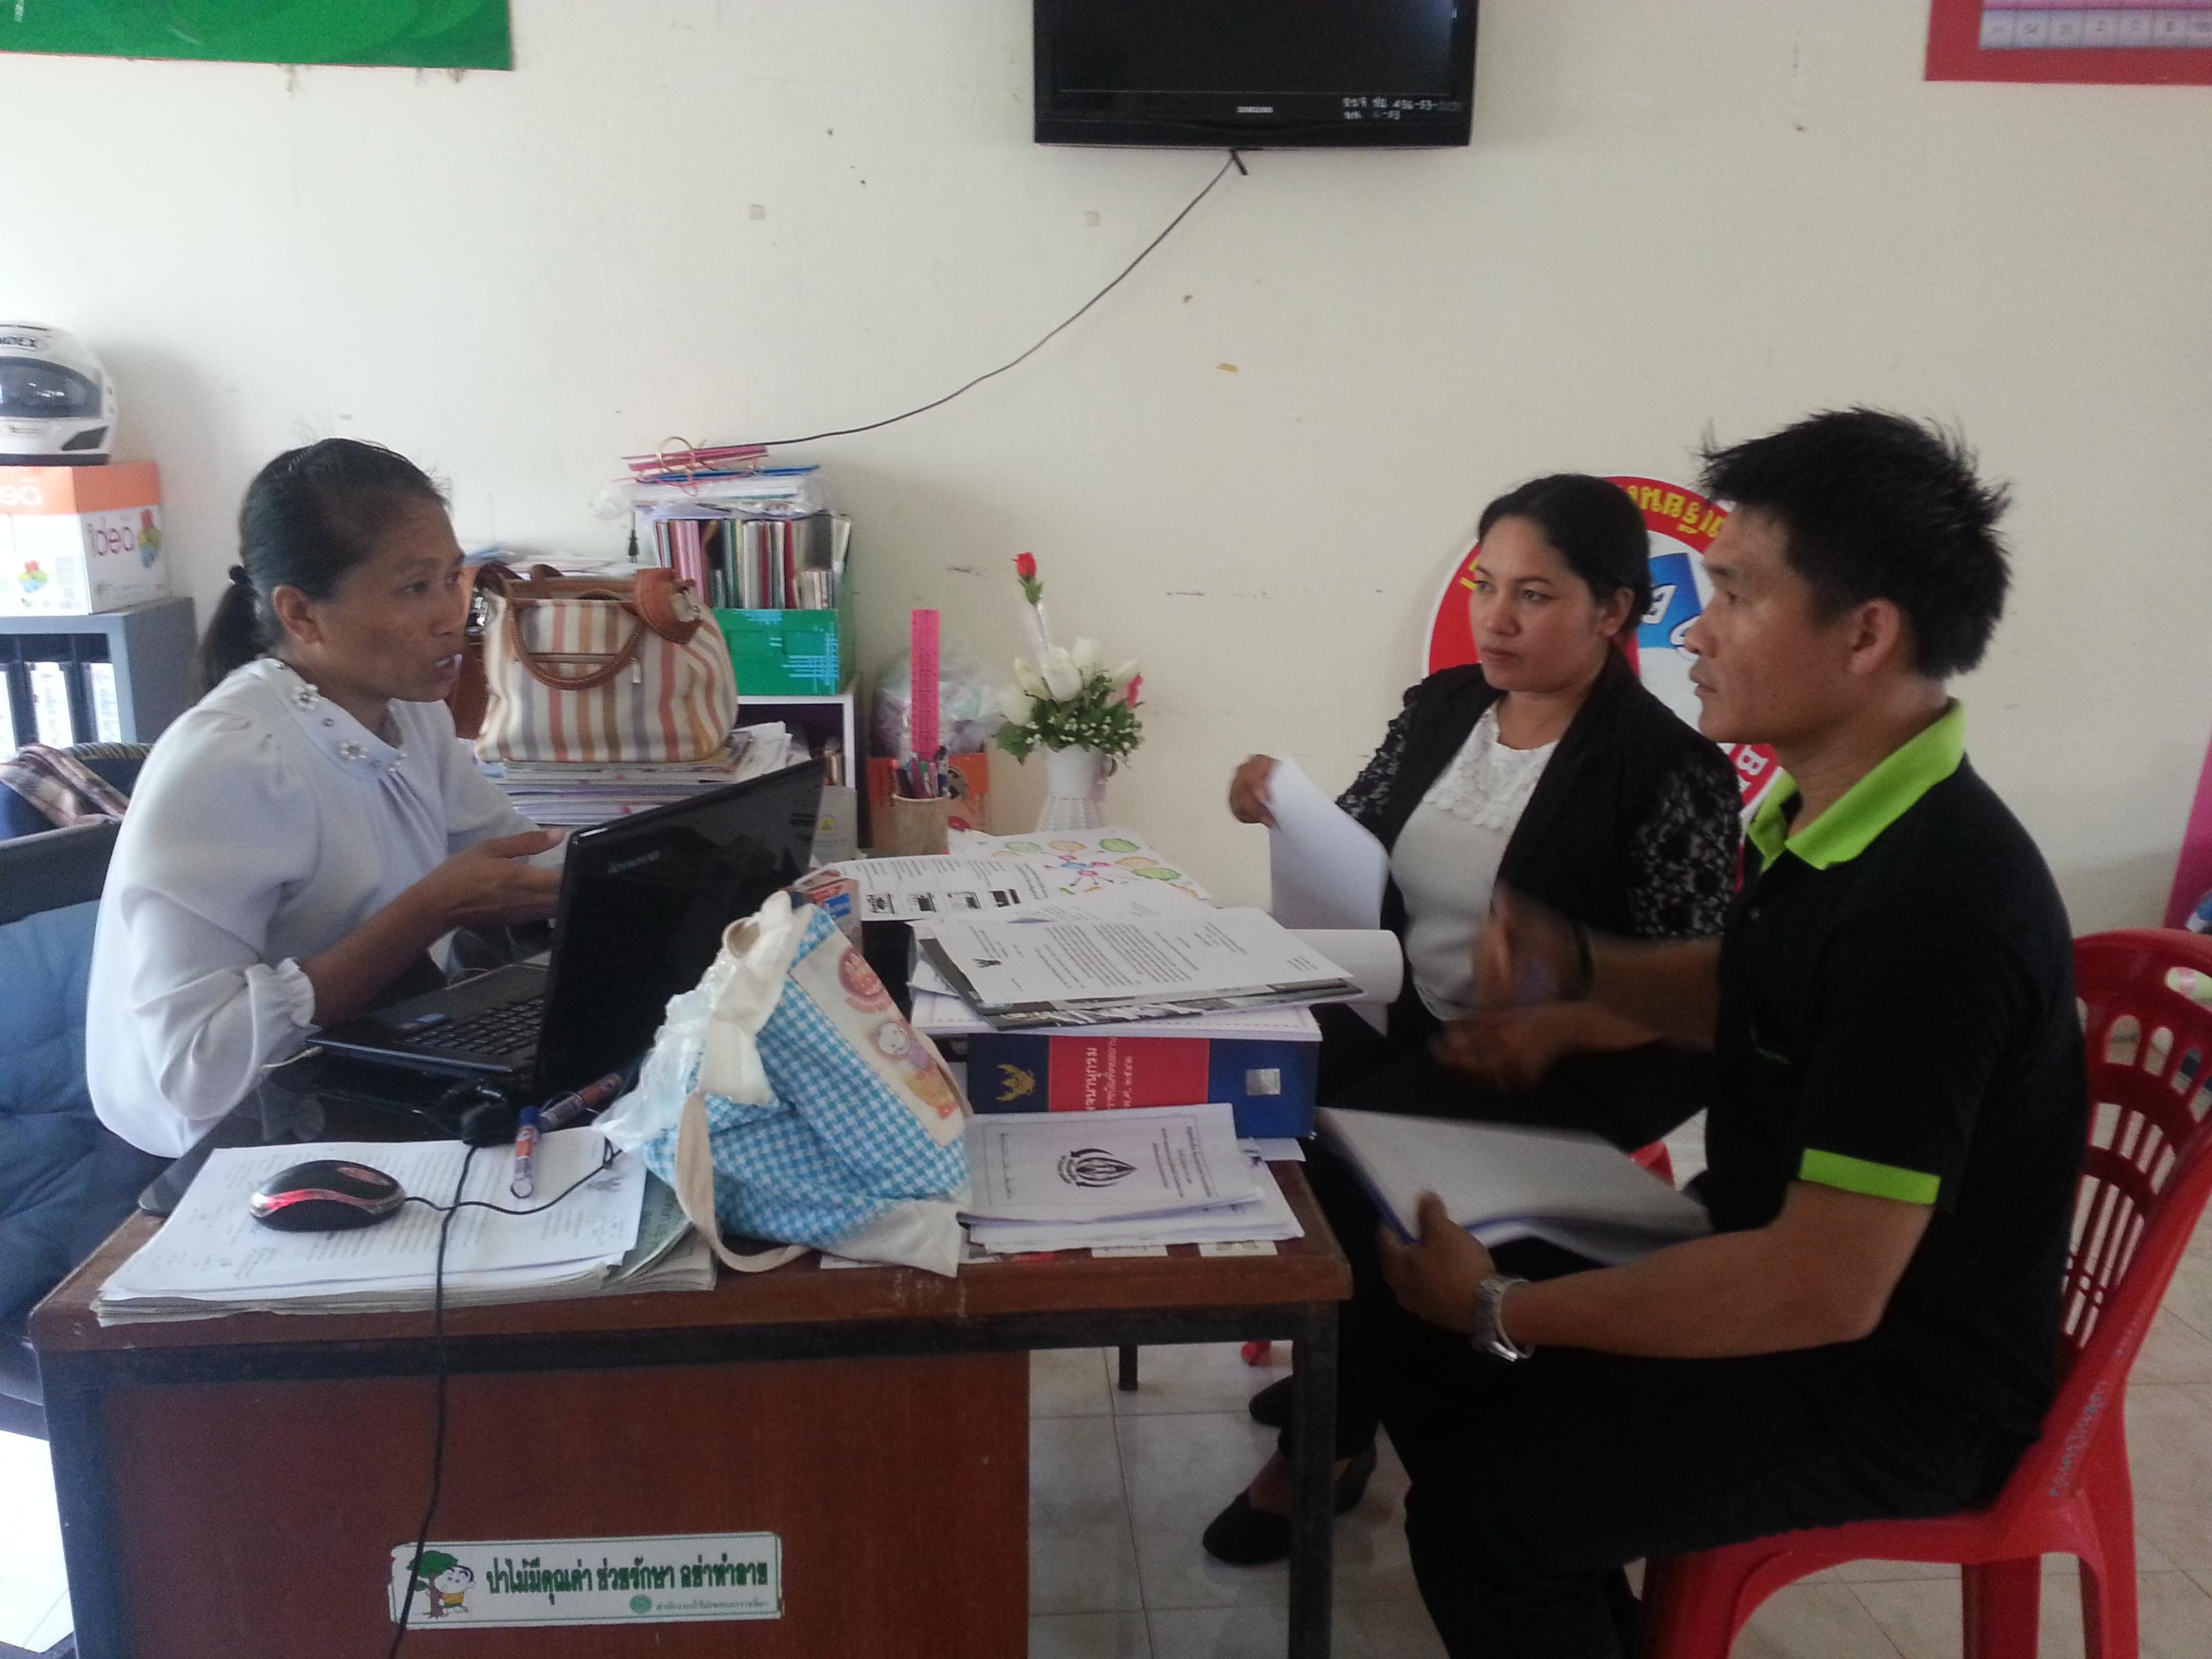 โครงการขยายเครือข่ายข้อมูลข่าวสารสู่ตำบลและหมู่บ้าน ปี 2560 ในจังหวัดชัยภูมิ